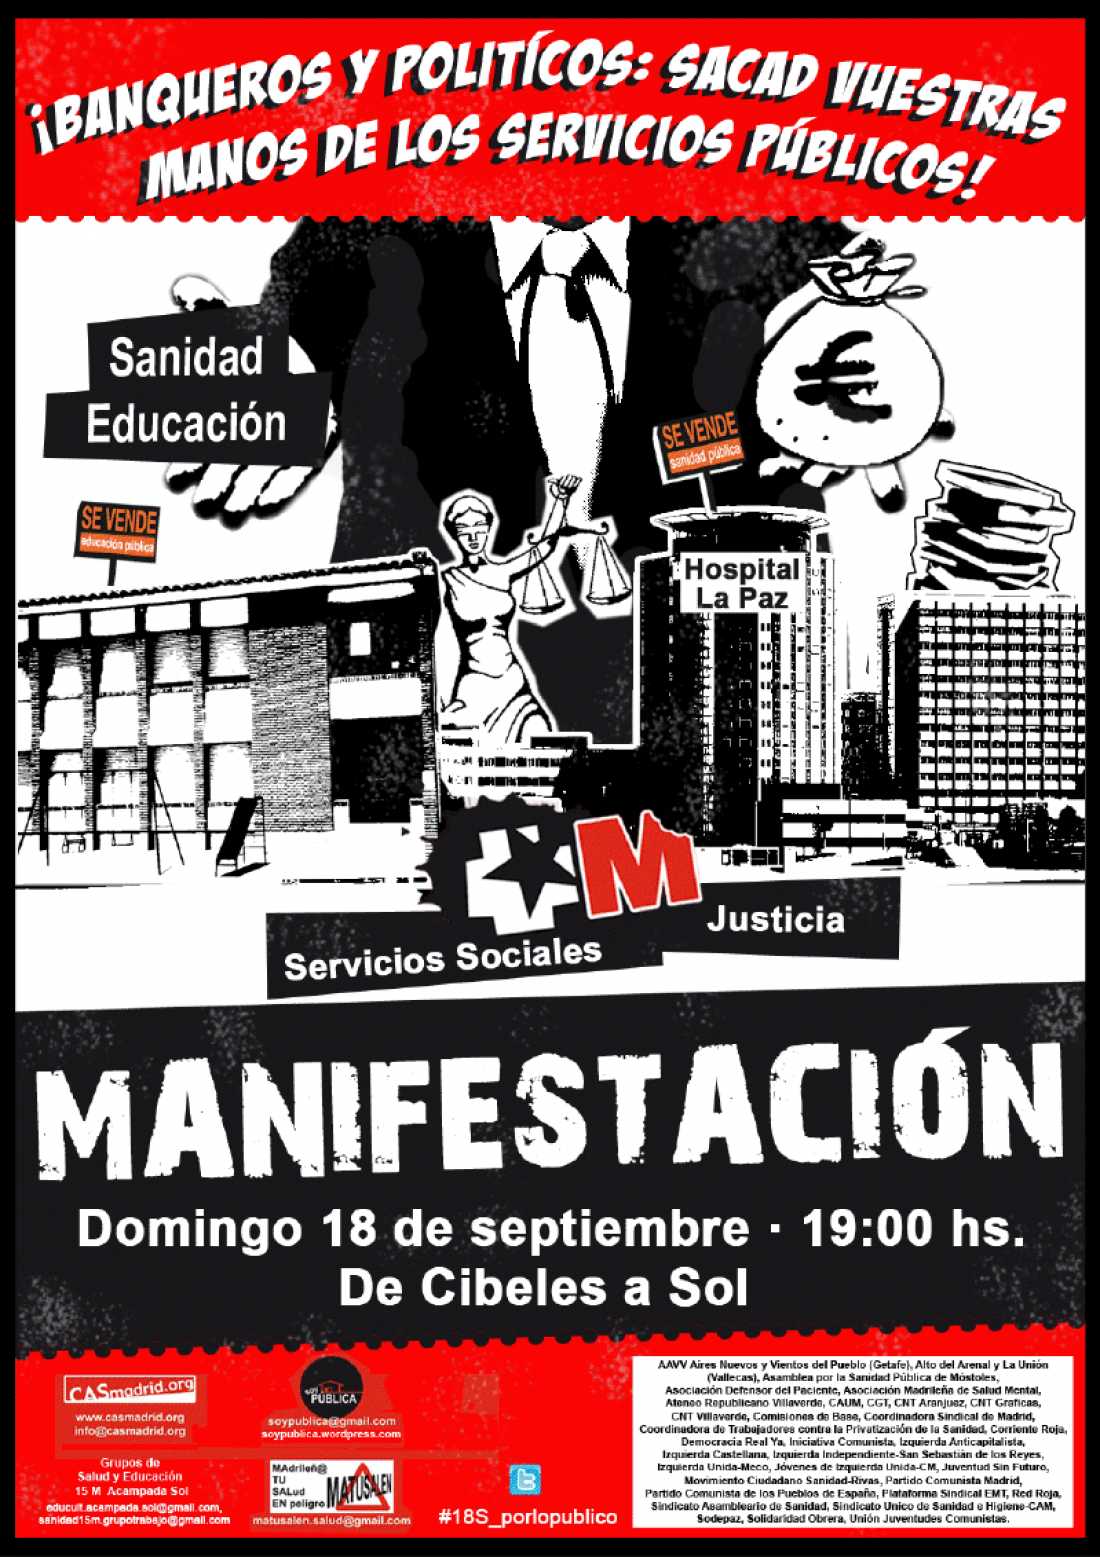 Madrid, 18 de Septiembre: Manifestación «Banqueros y políticos, ¡Sacad vuestras manos de los servicios públicos!»